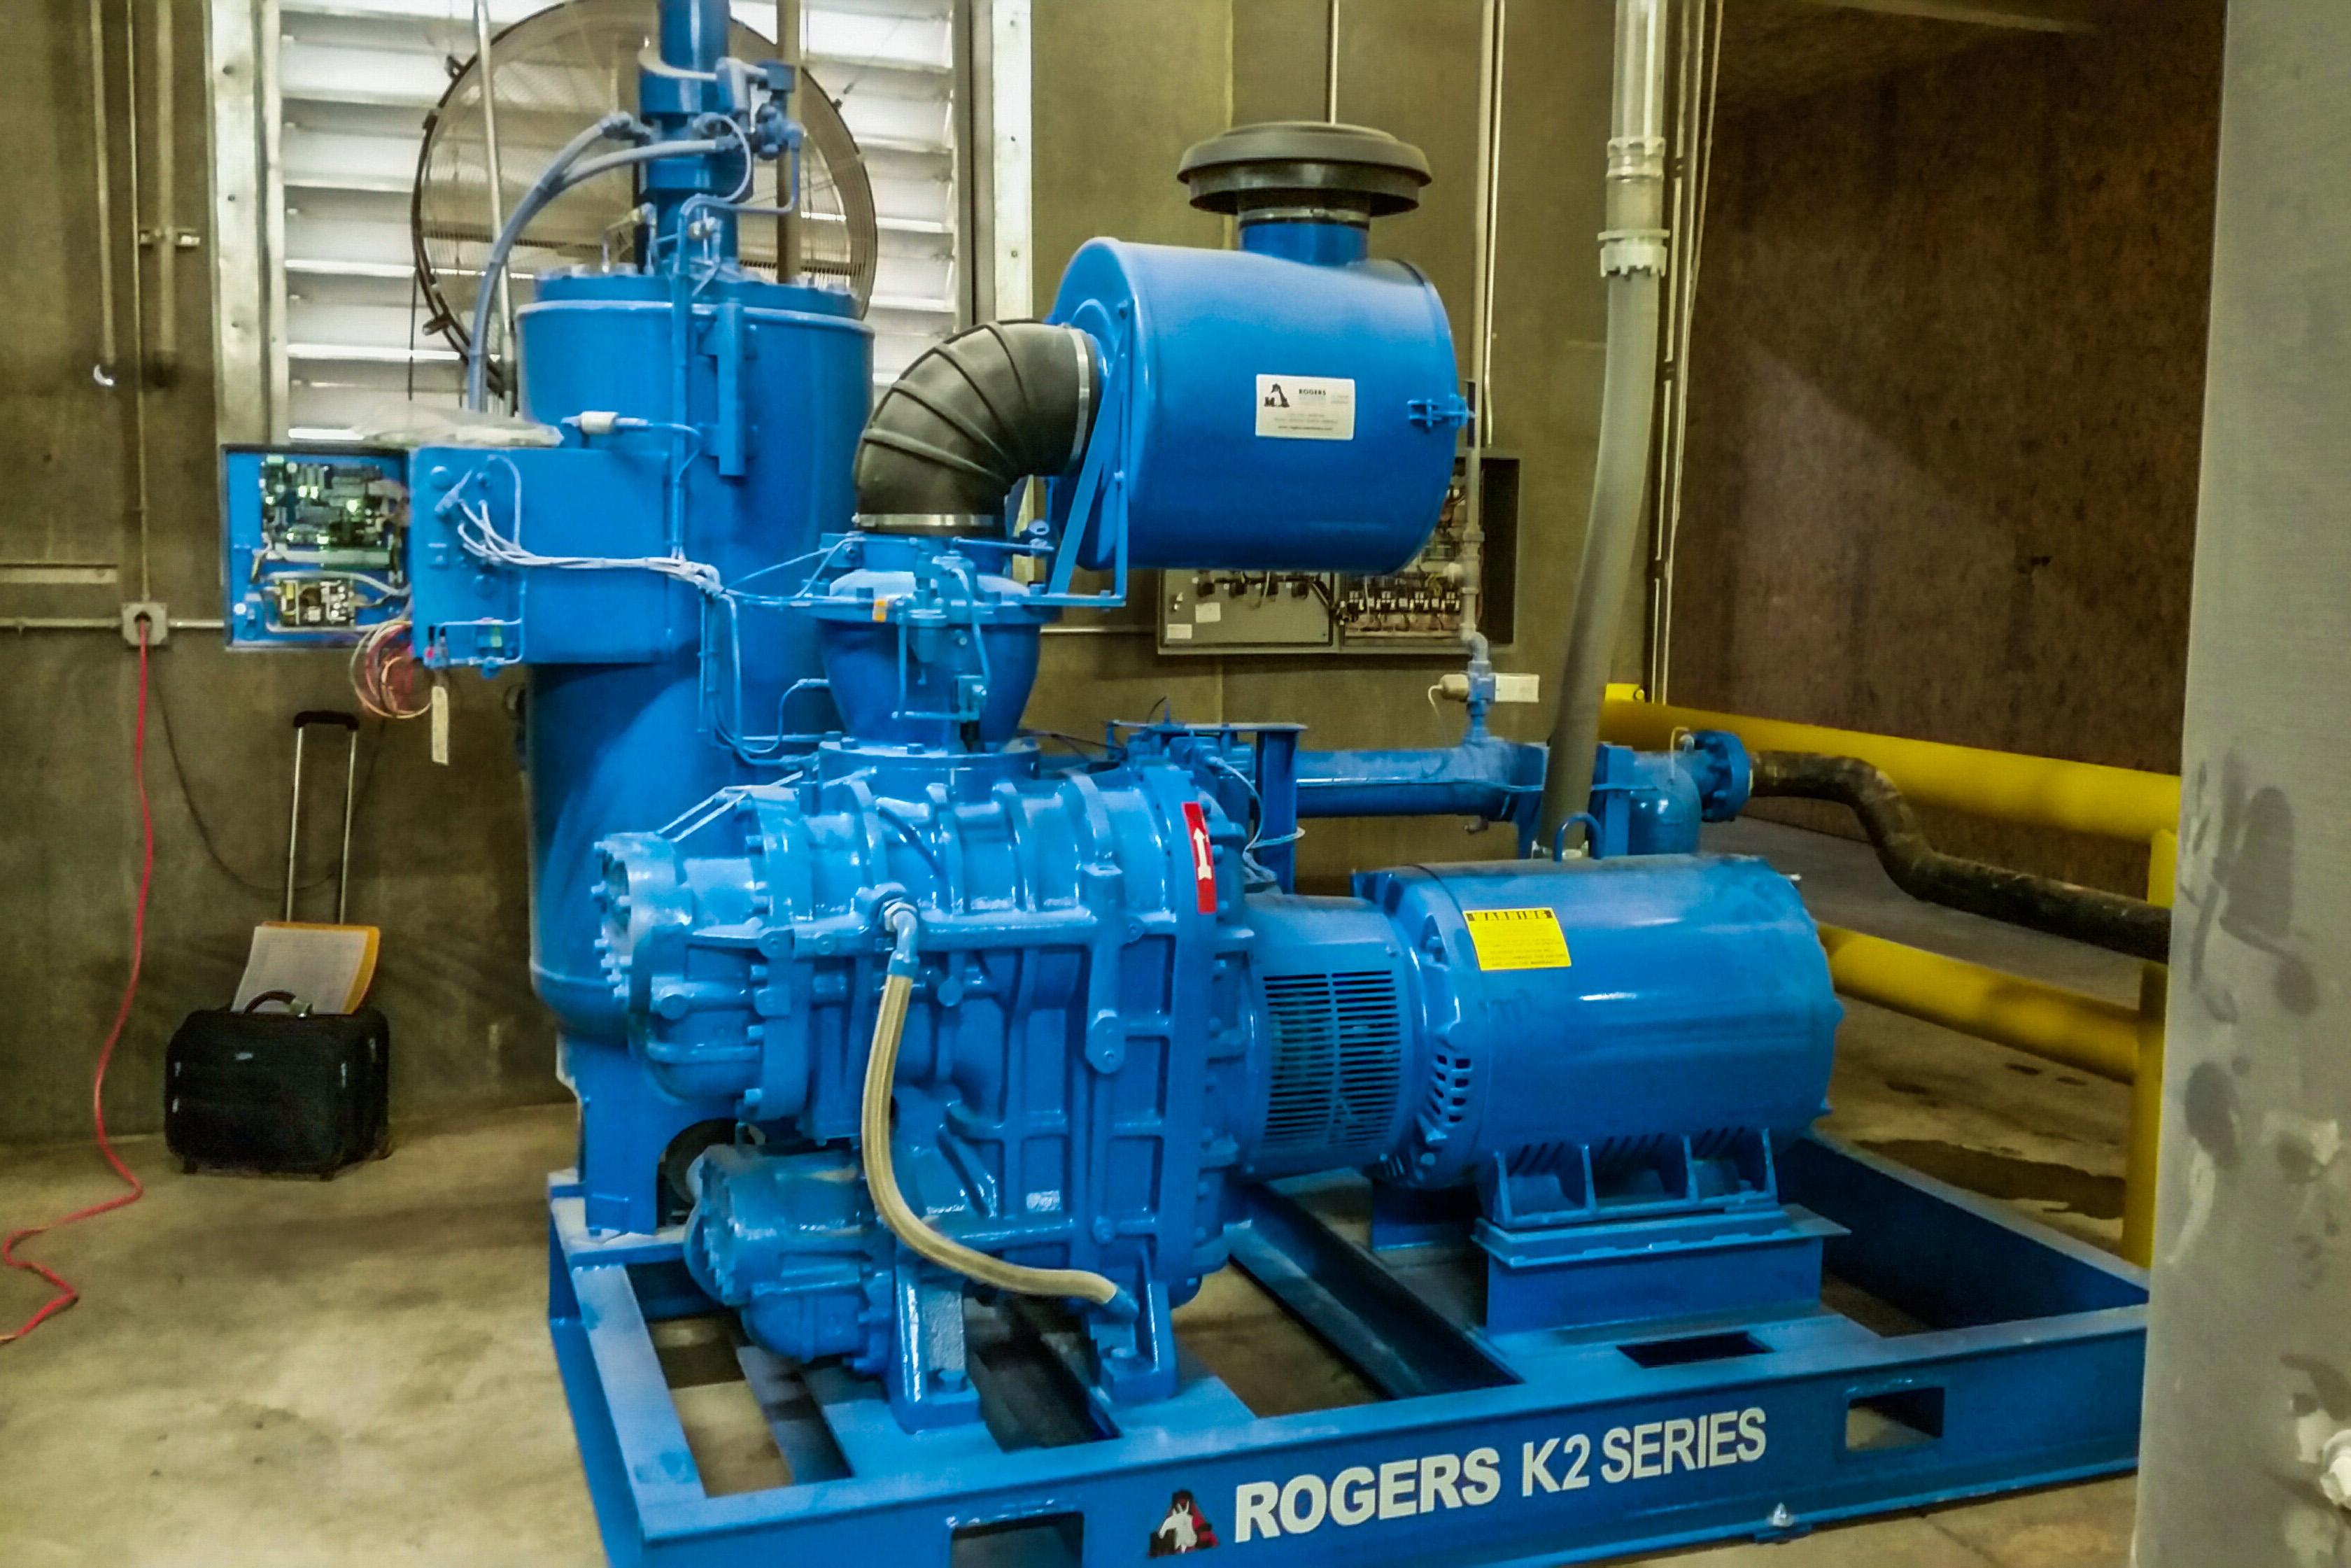 K2 Series 200 HP